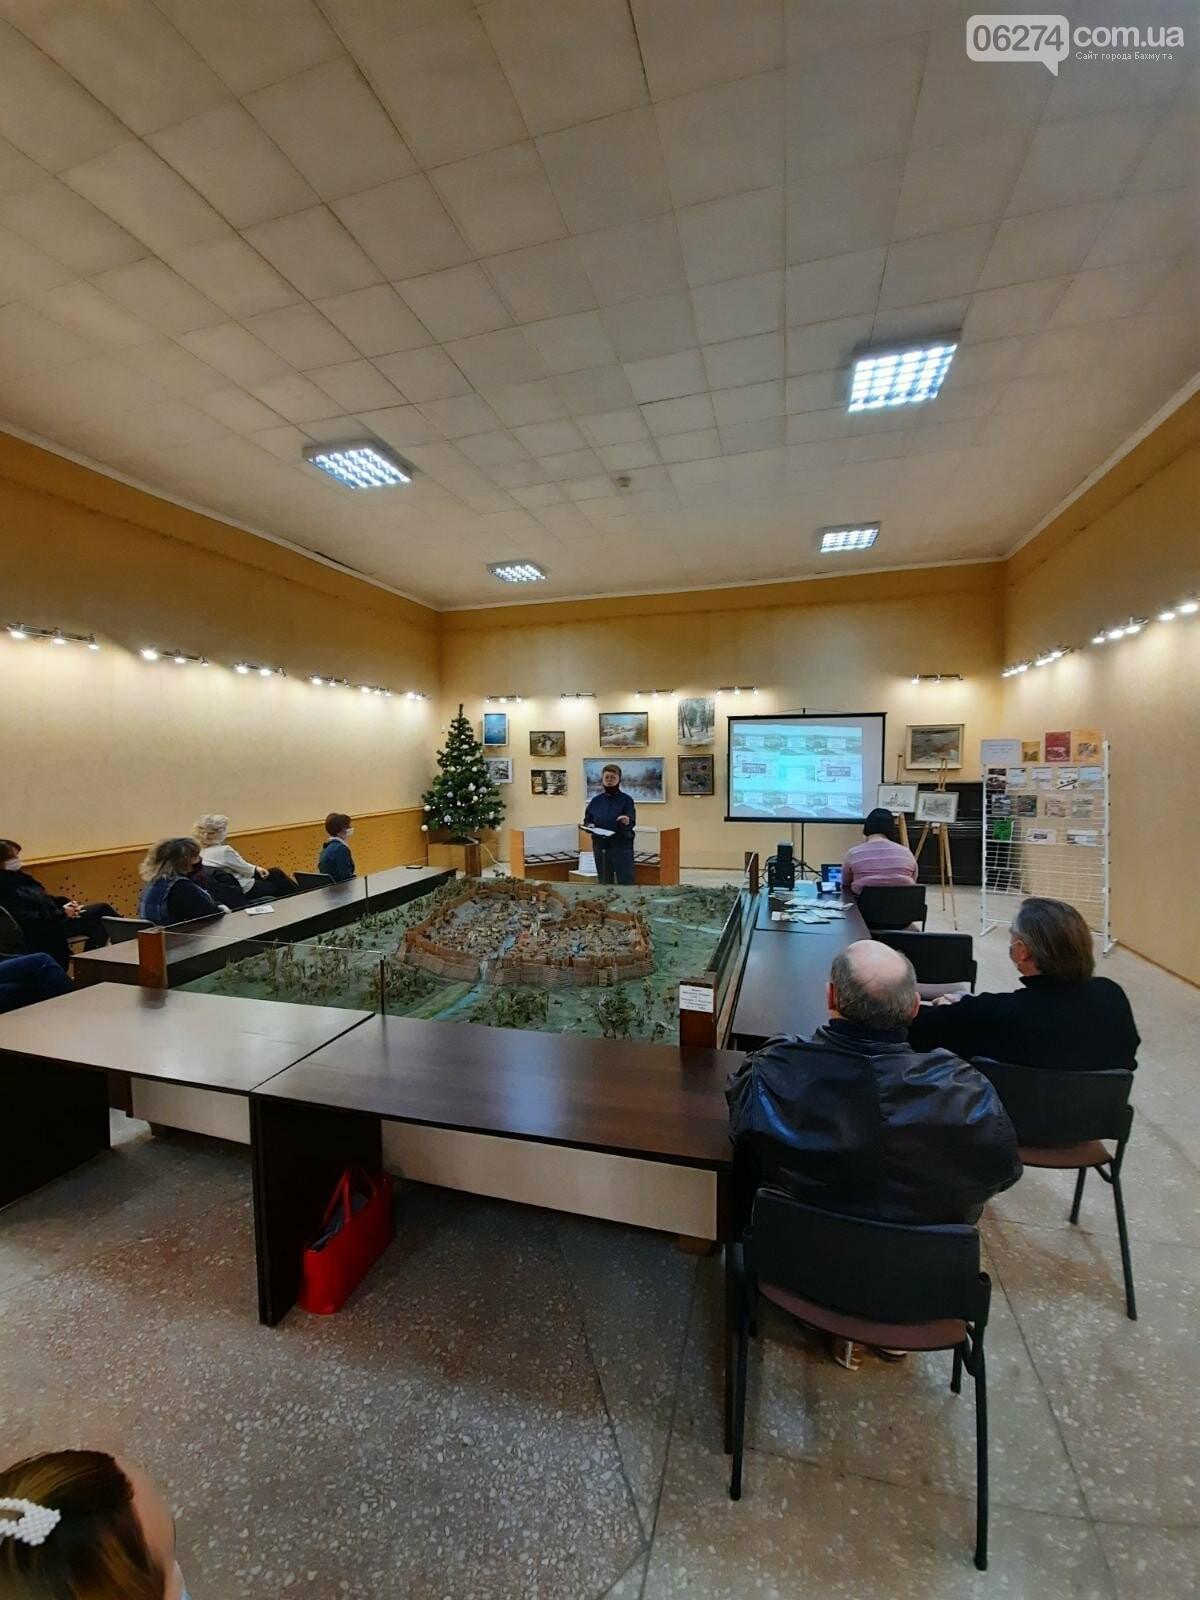 В краеведческом музее презентовали проект «Бахмут сквозь время», фото-5